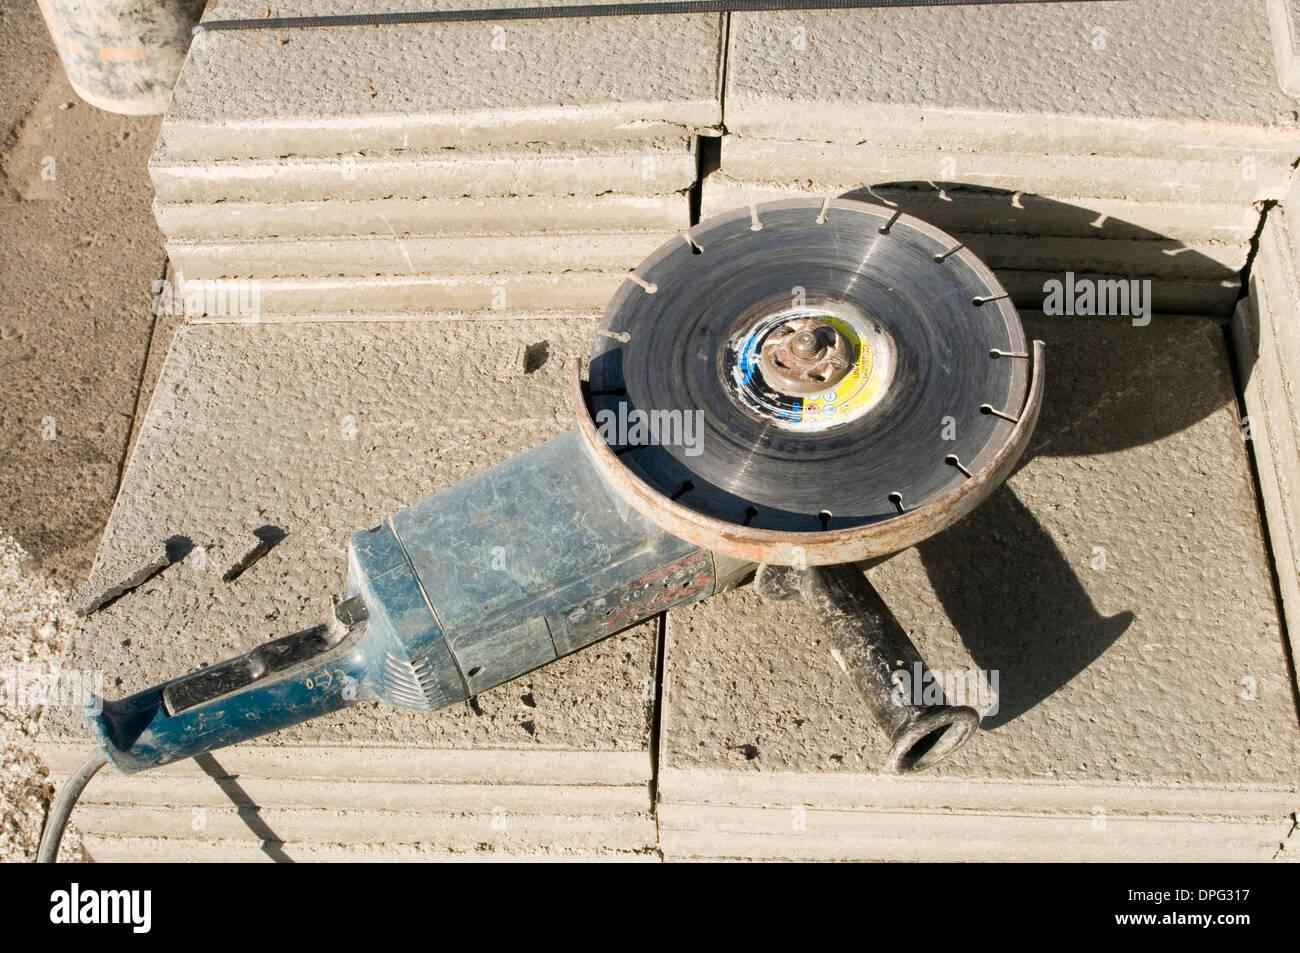 Cutting Disc Stock Photos Amp Cutting Disc Stock Images Alamy